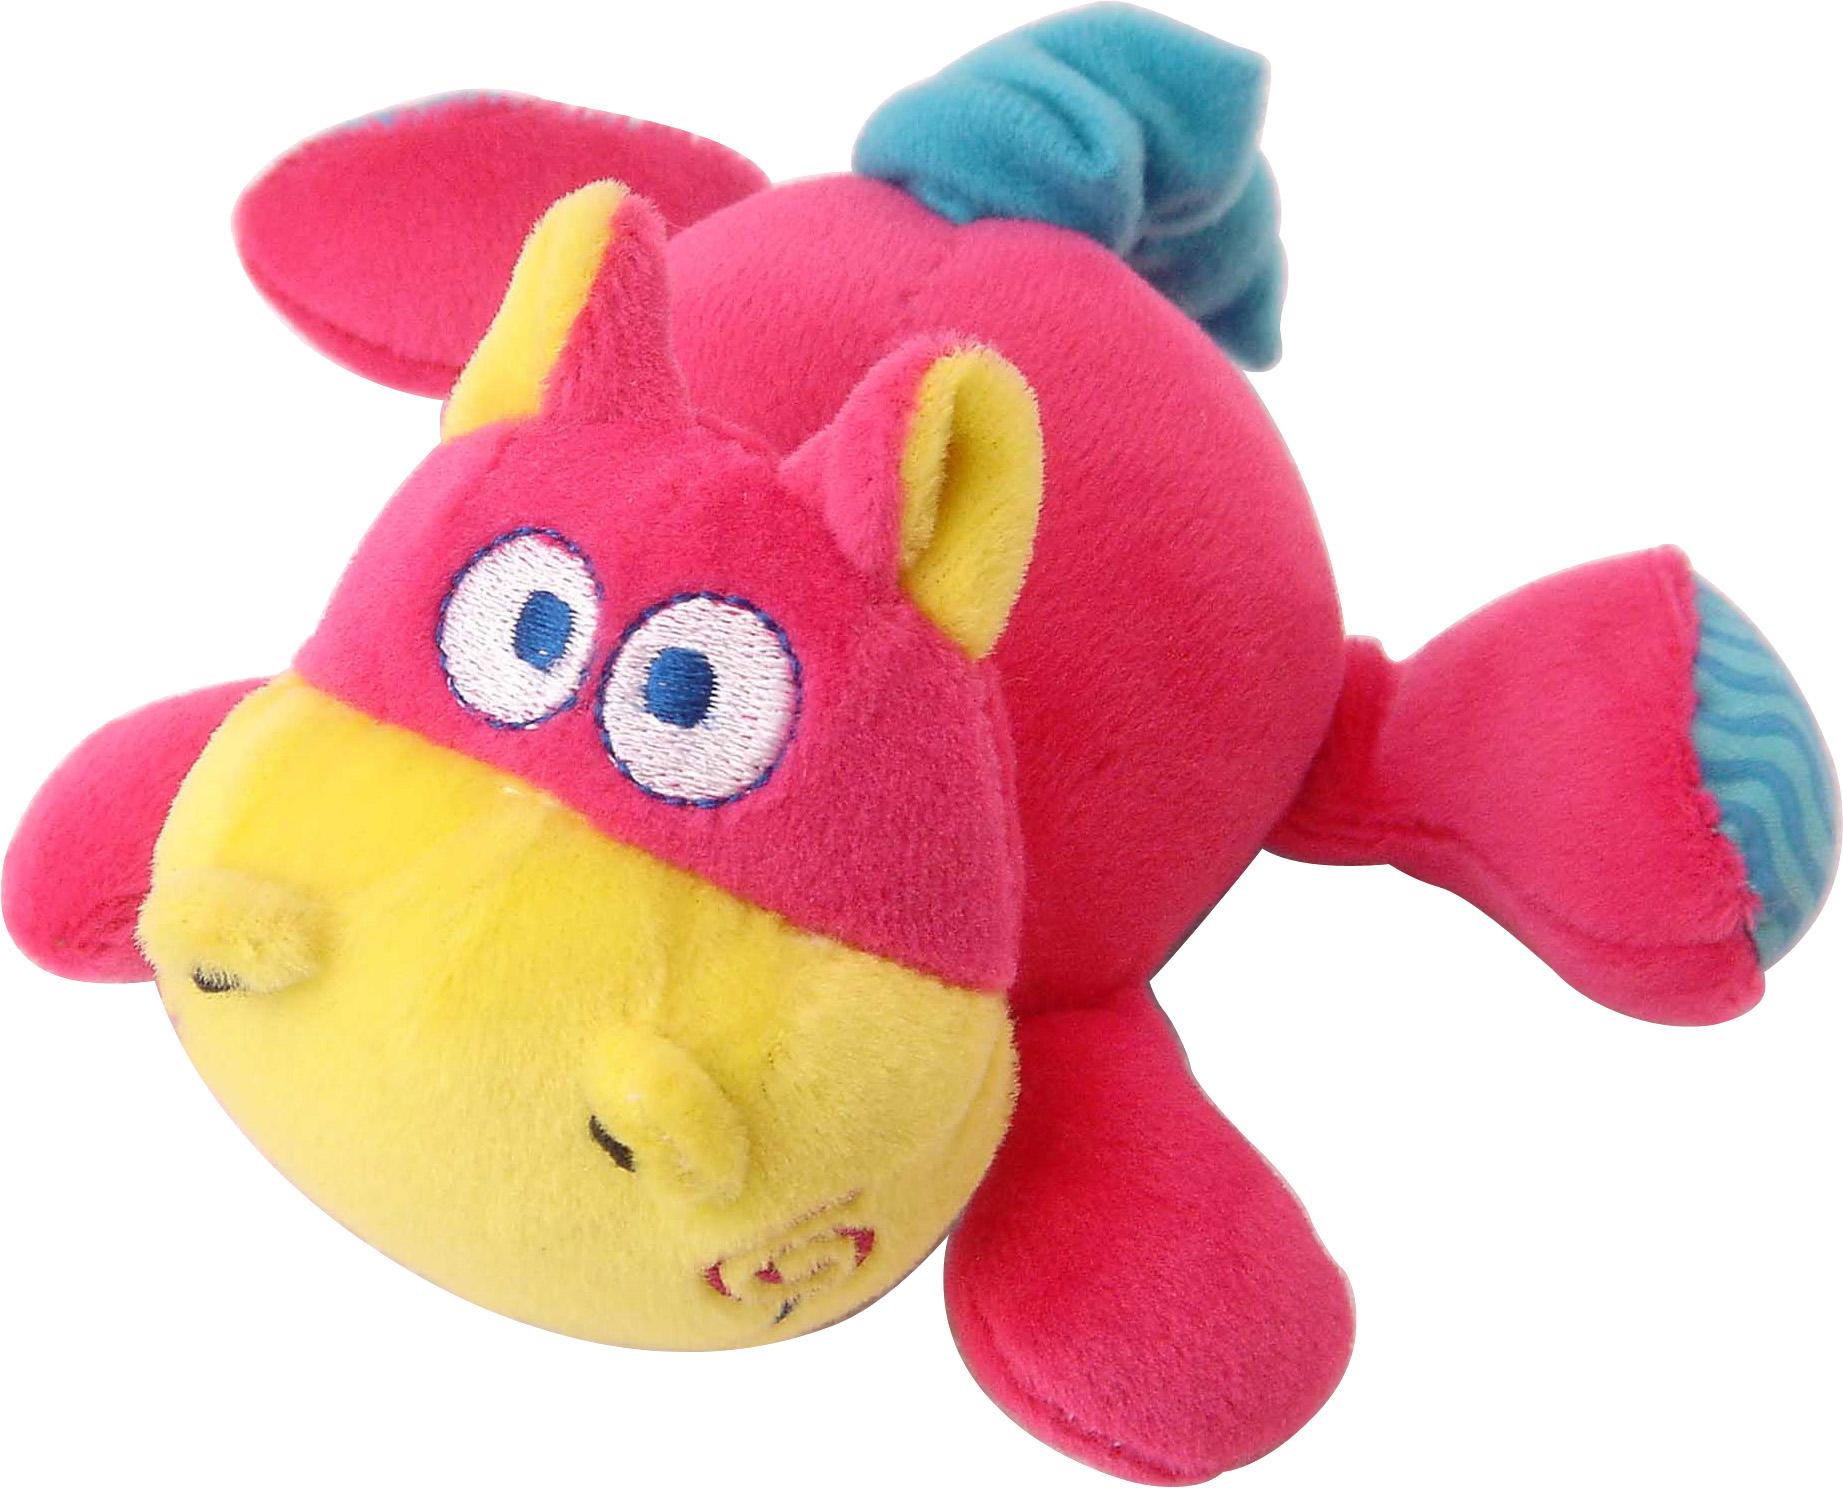 Игрушка развивающая Мир детства Бегемотик развивающая игрушка мир детства зигзаг